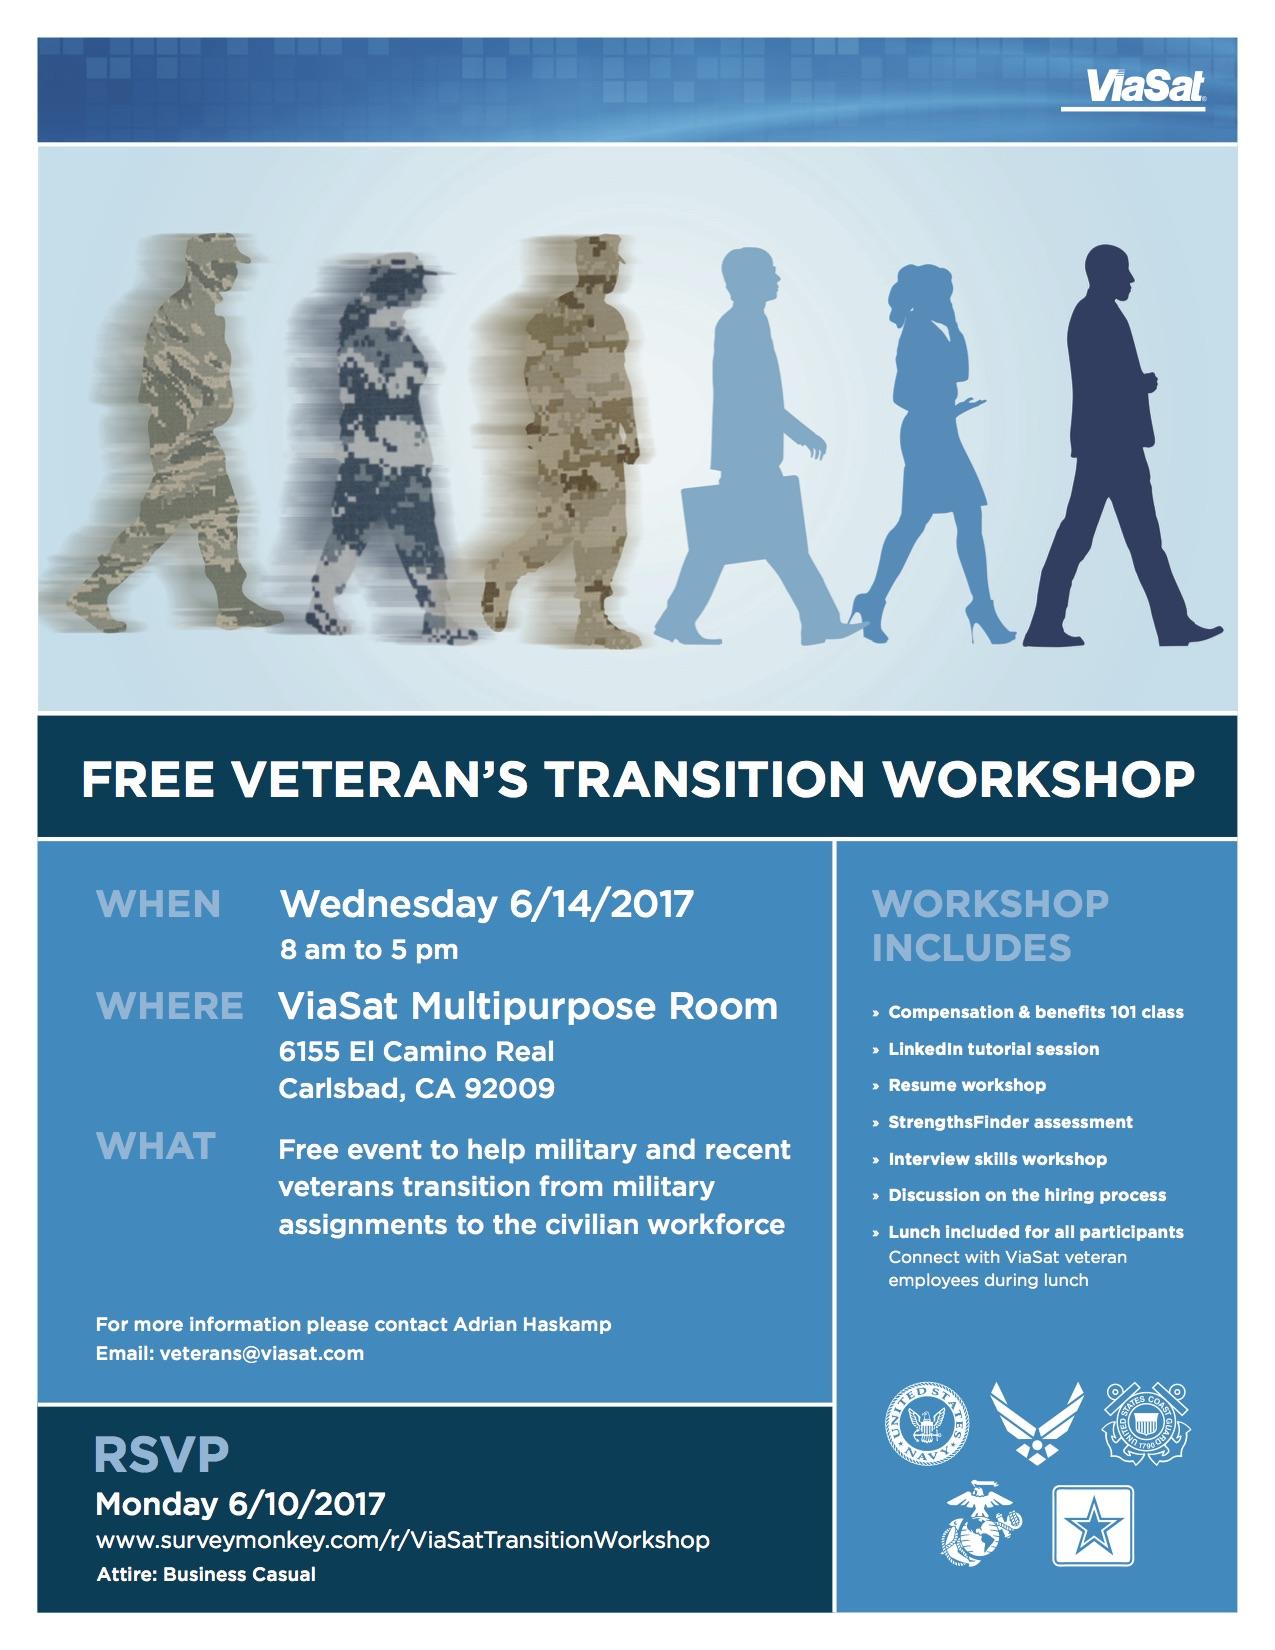 resume building for veterans